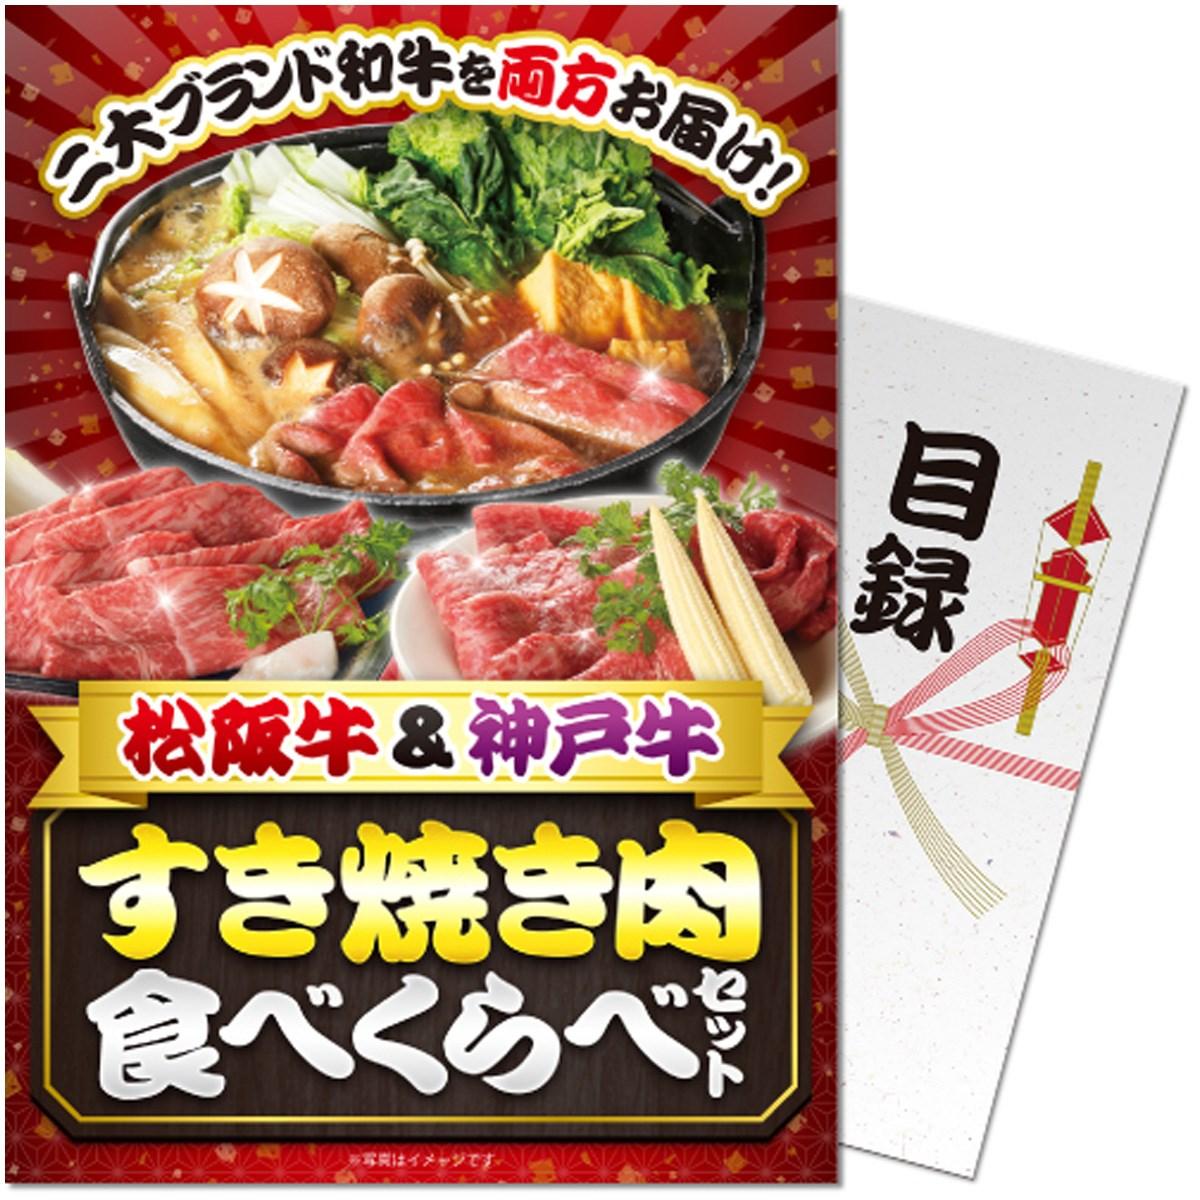 その他メーカー パネもく!松阪牛&神戸牛すき焼き肉 目録 A4パネル付き